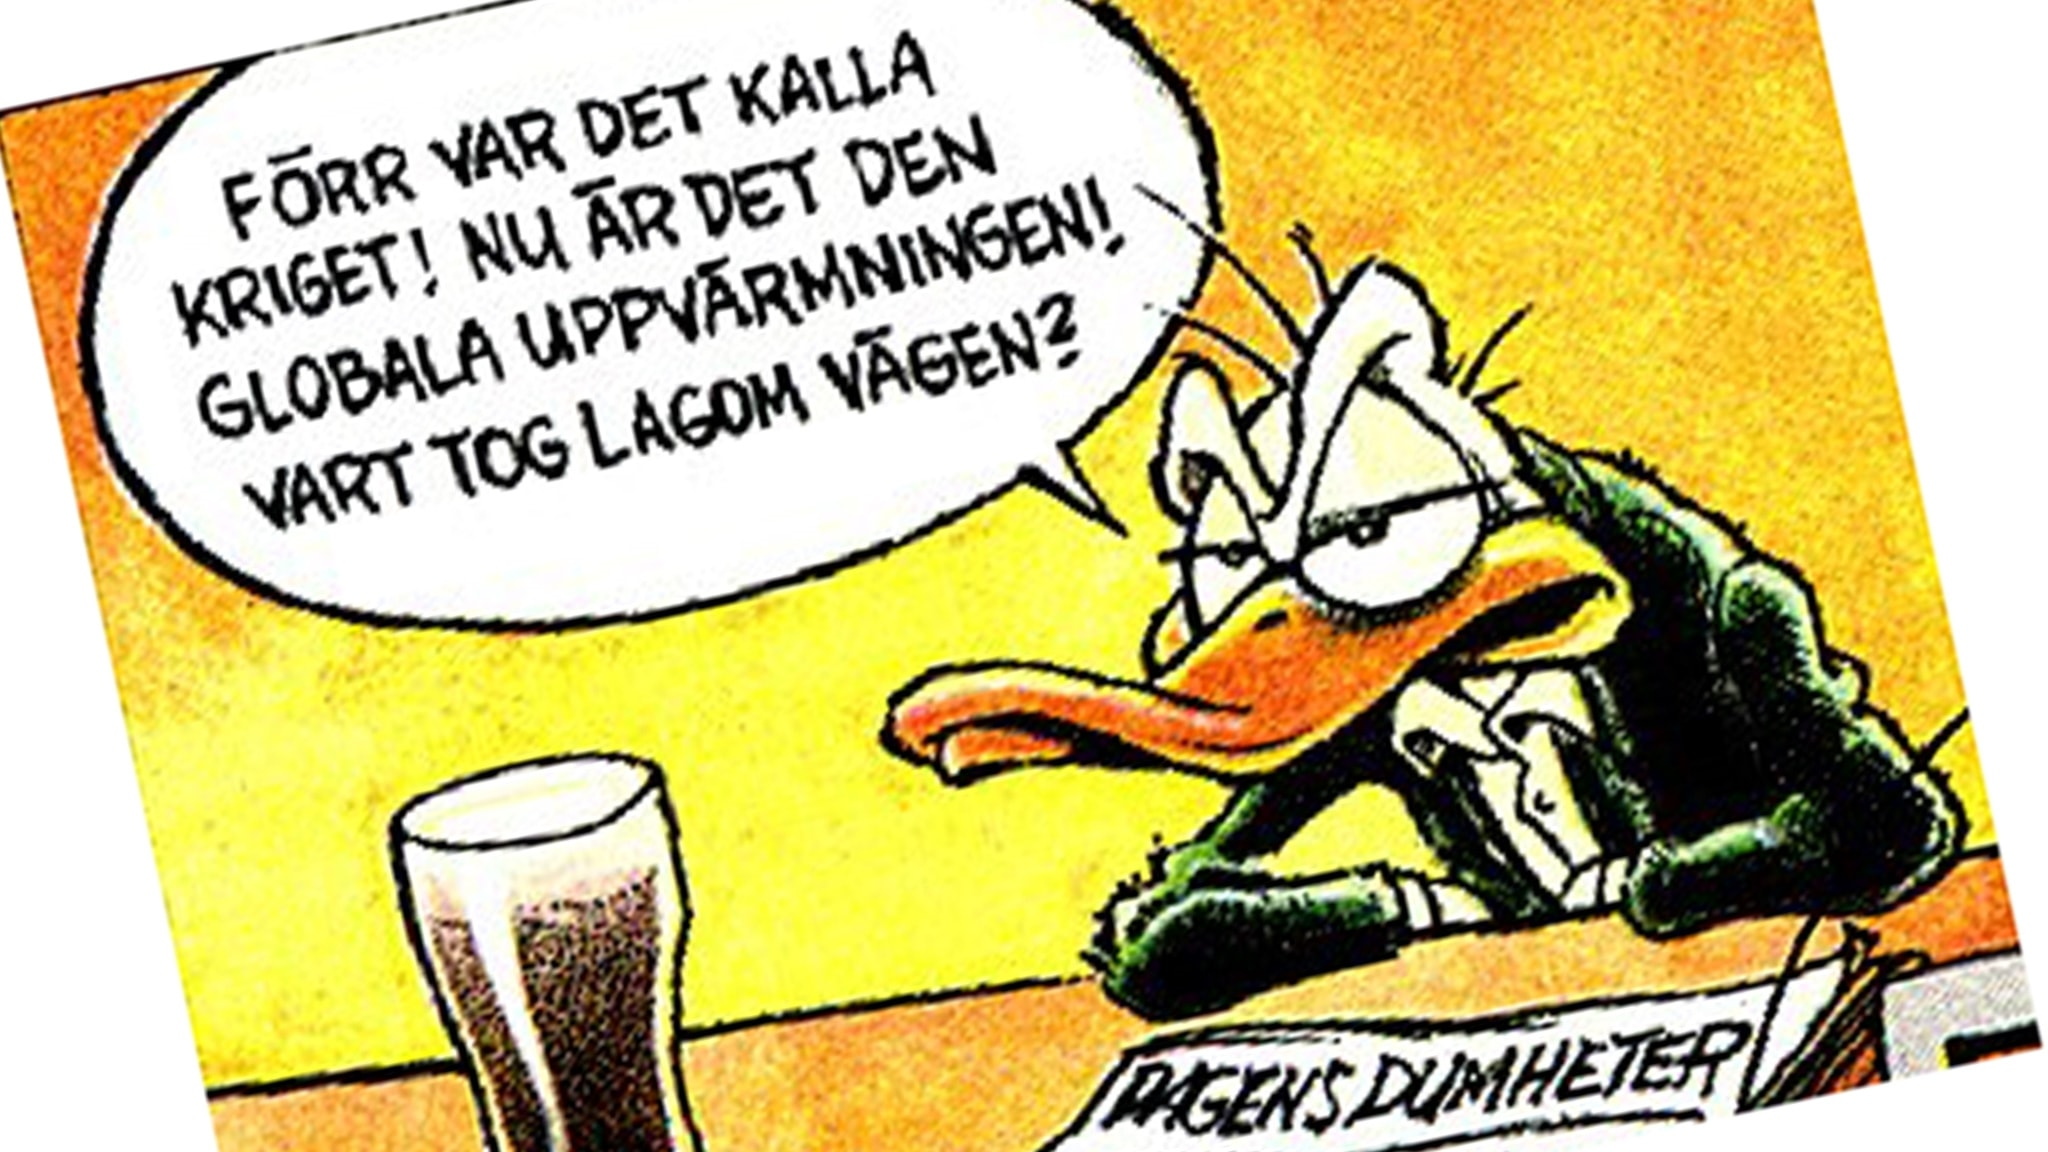 Arne Ankas politiska udd